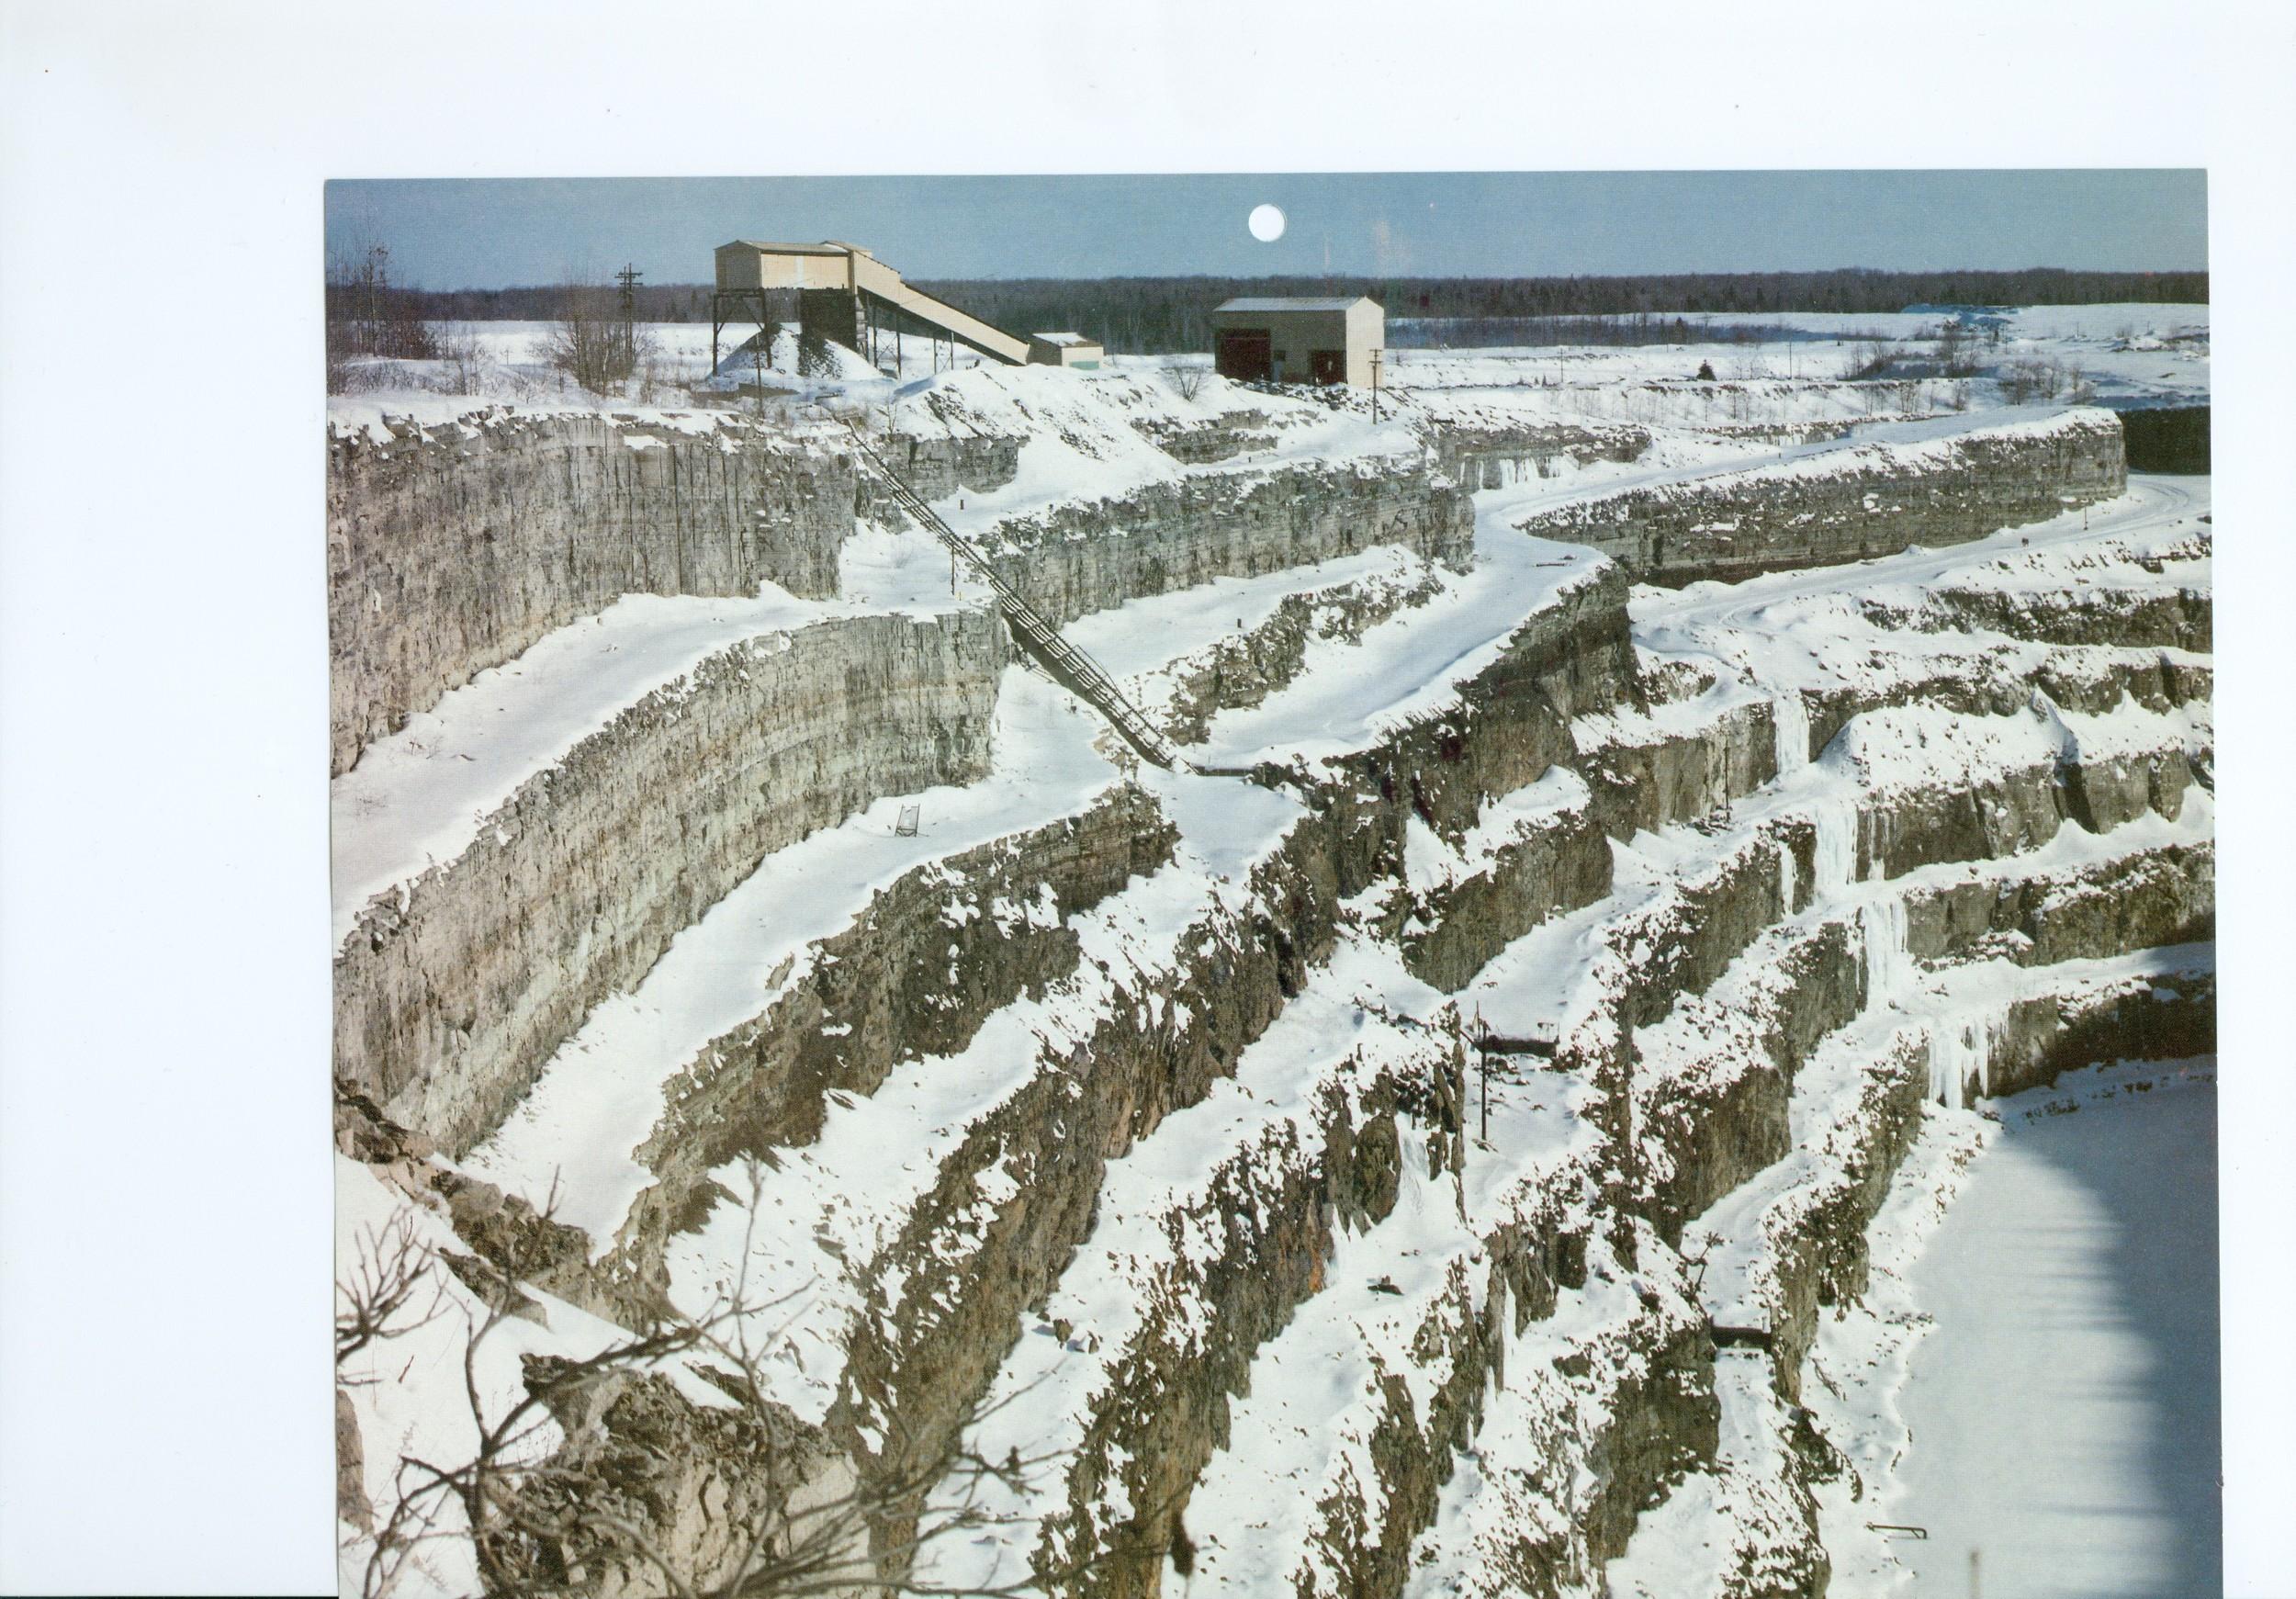 Marmoraton mine in winter